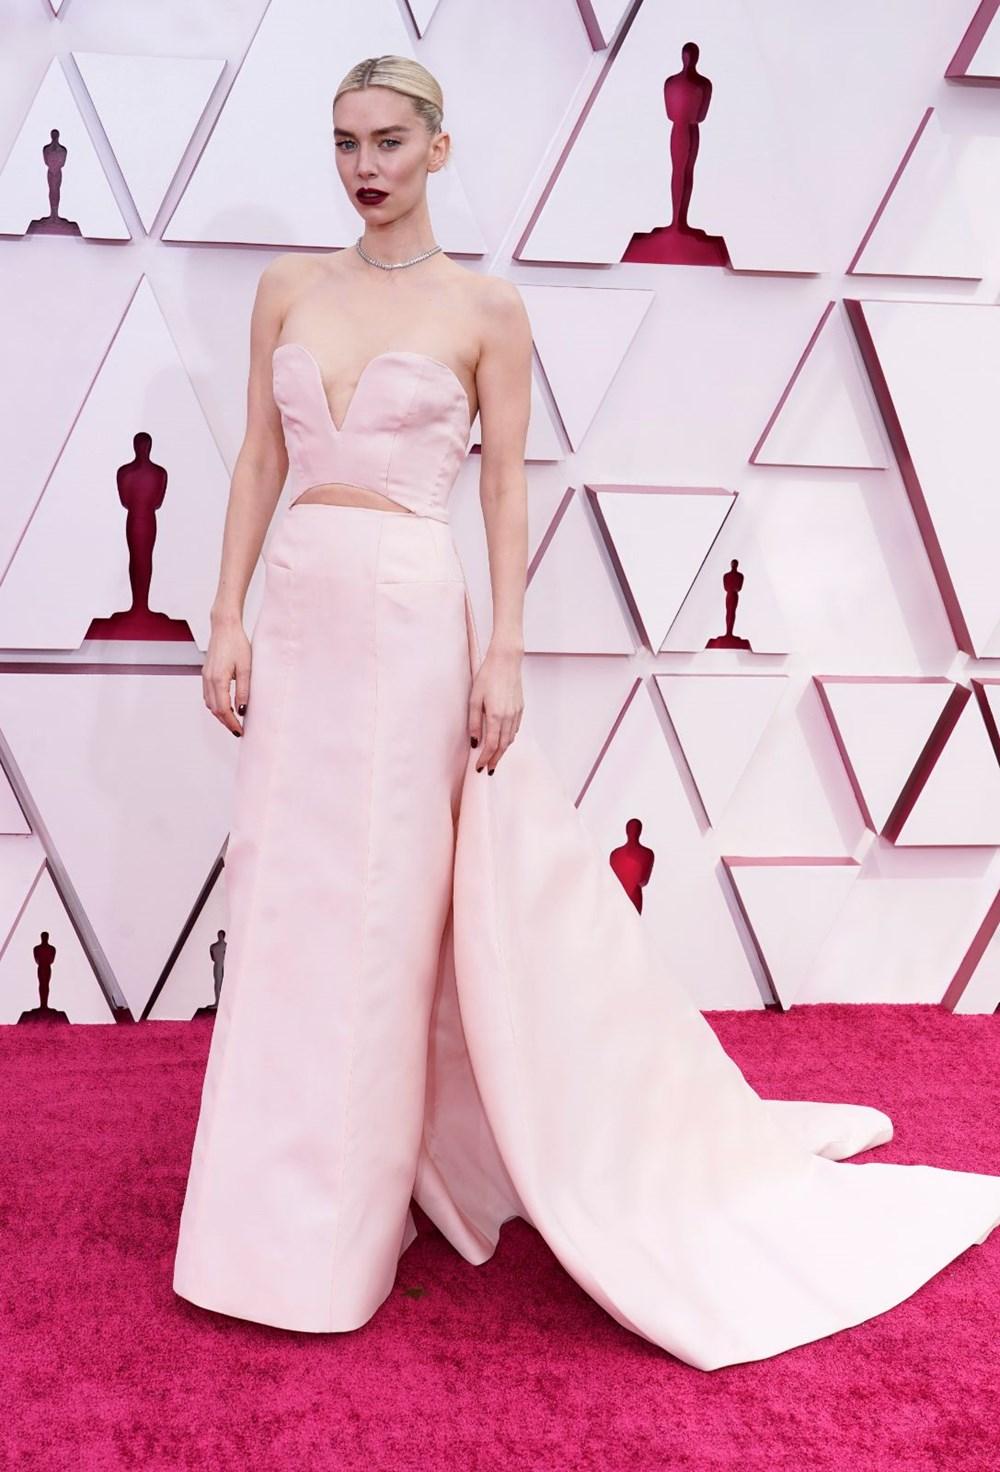 2021 Oscar Ödülleri'nde (93. Oscar Ödülleri) kırmızı halı şıklığı